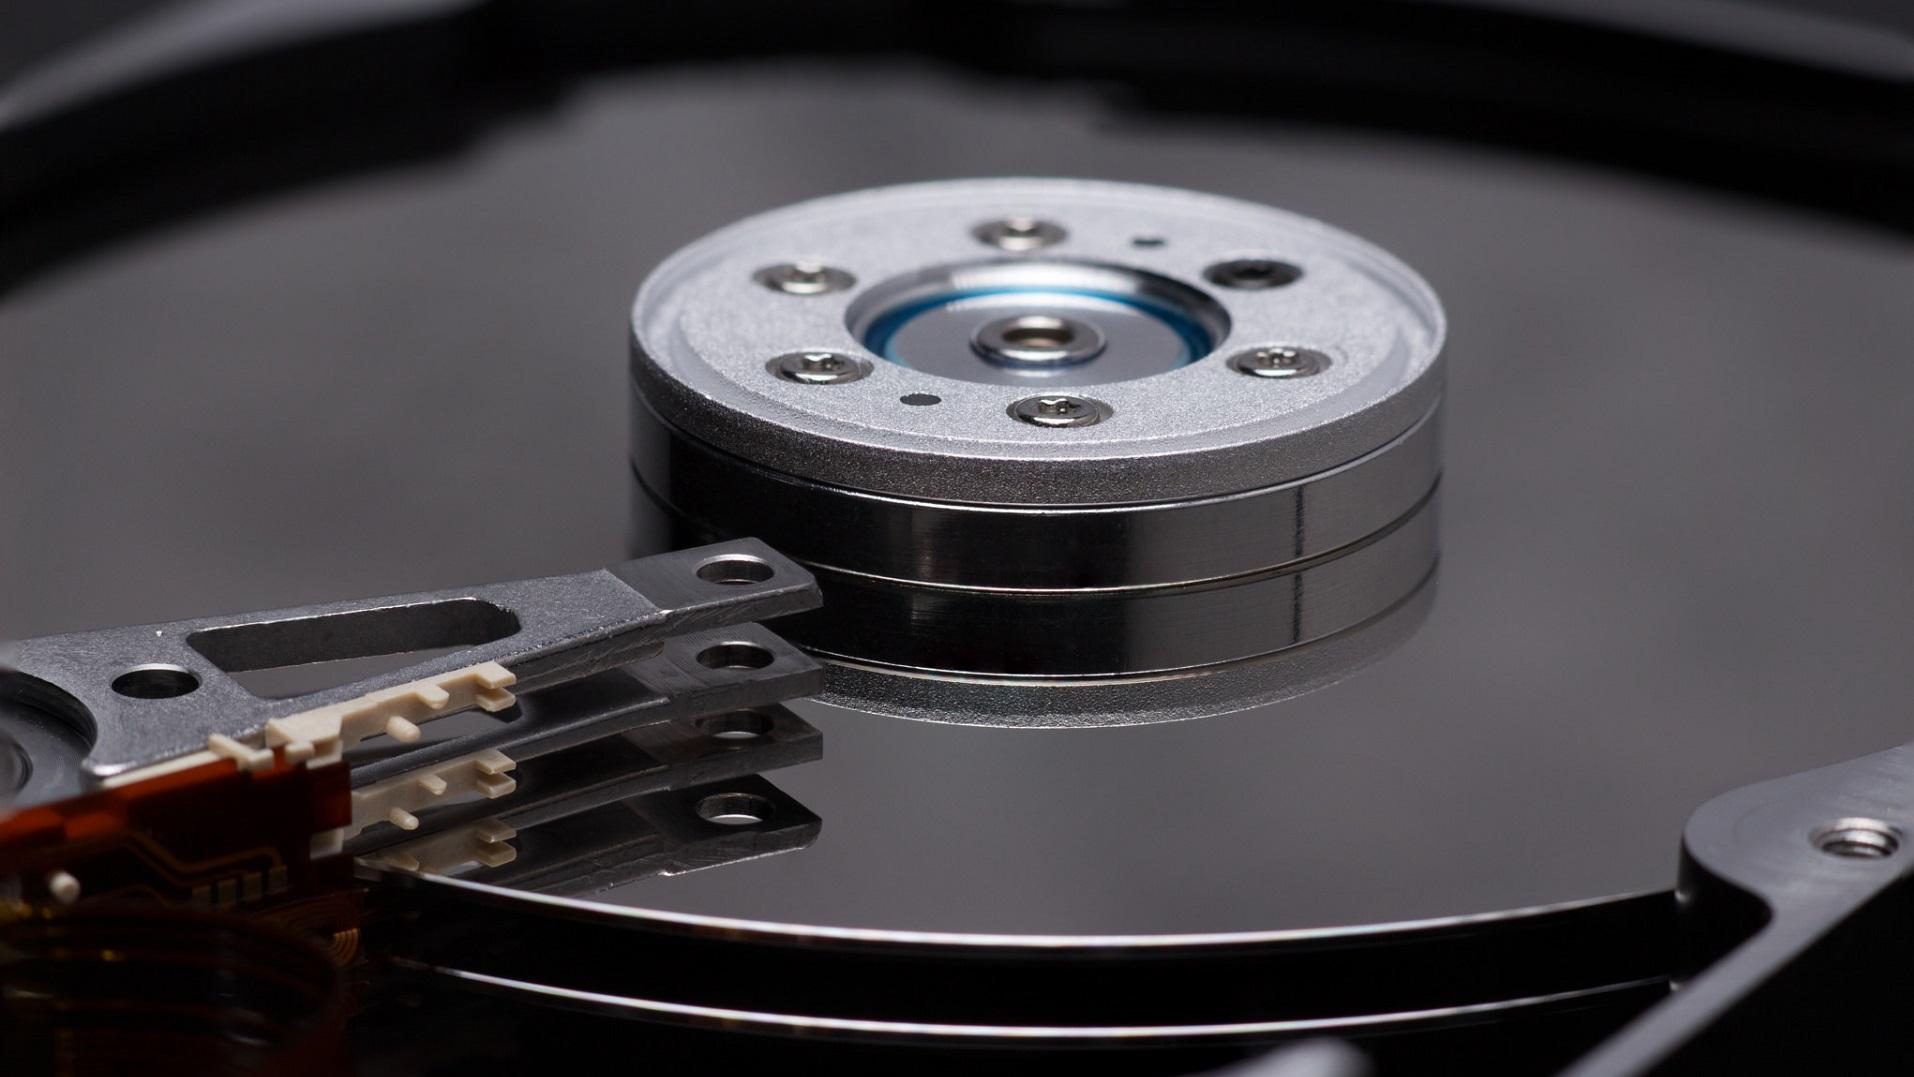 Científicos de IBM logran nuevo récord de almacenamiento en cinta magnética